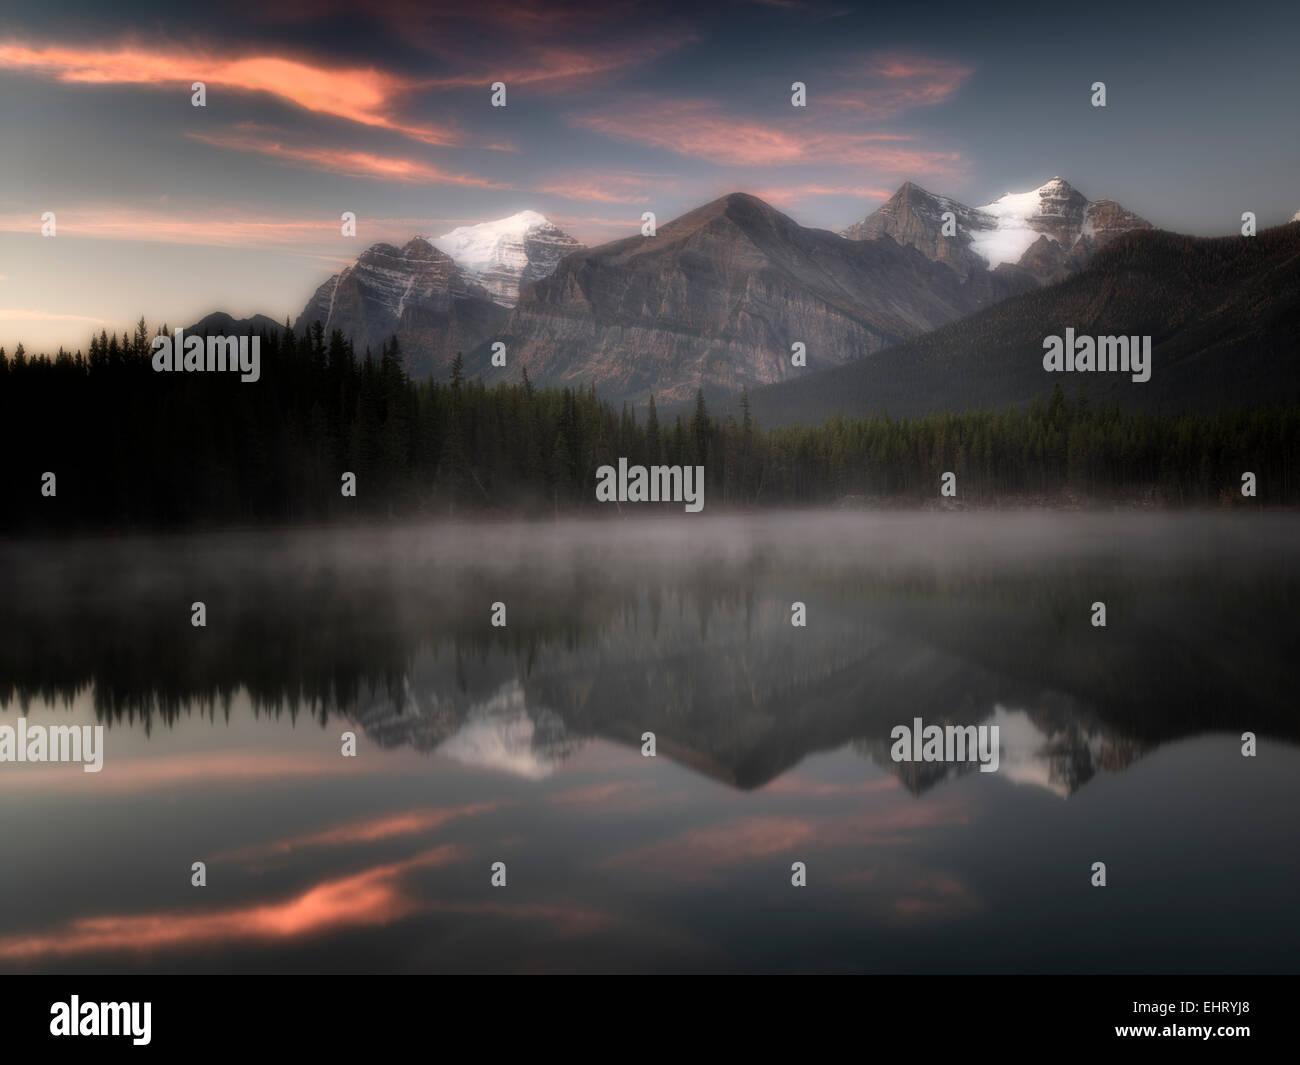 Herbert avec Mt. Réflexion et Temple le lever du soleil. Le parc national Banff, Alberta, Canada Photo Stock